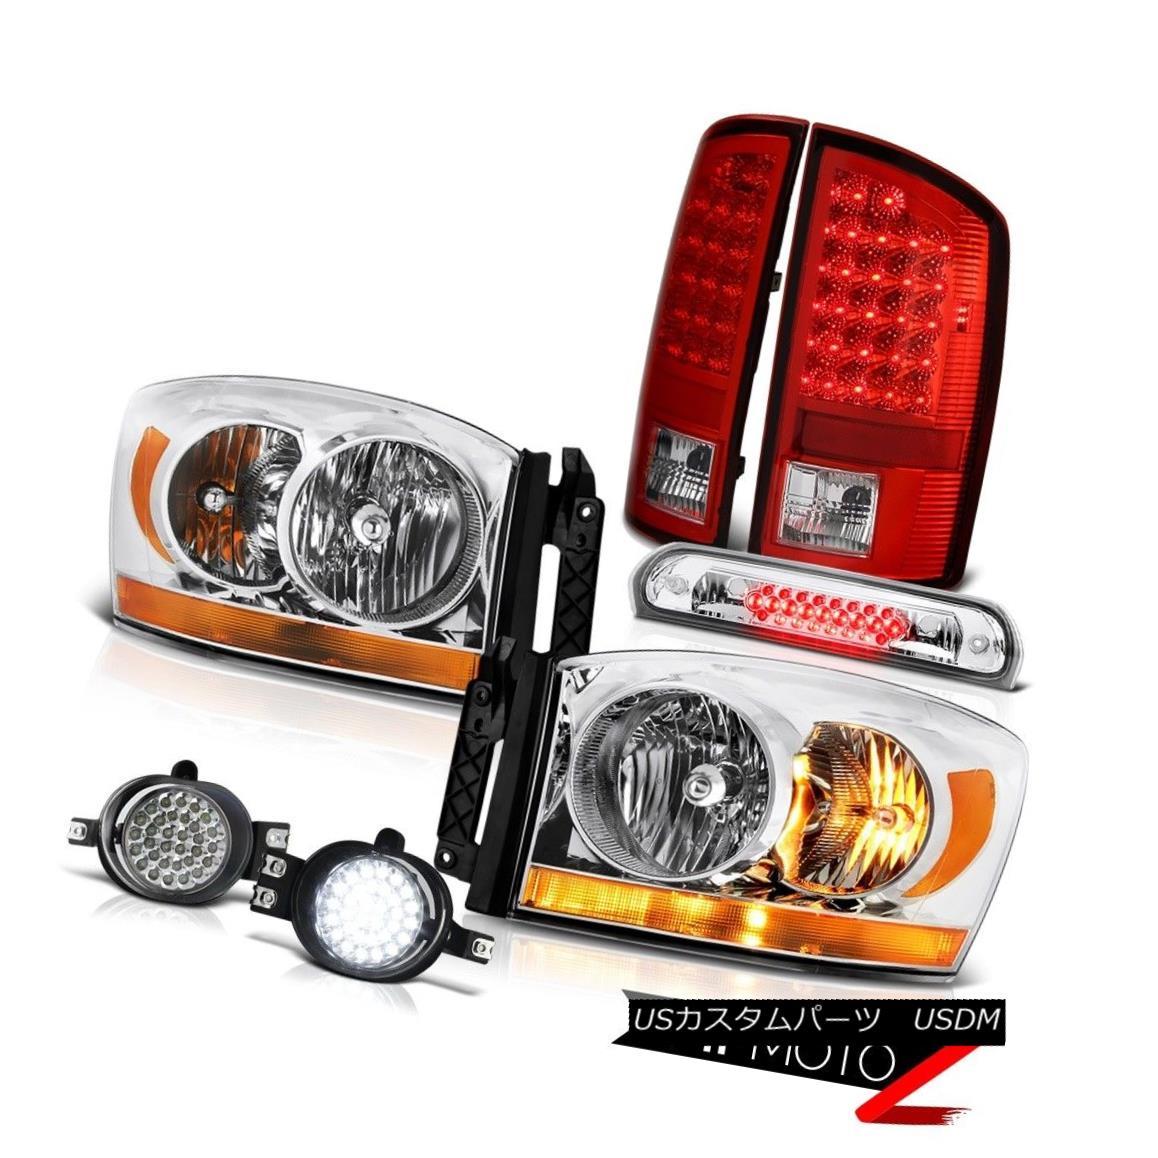 テールライト 07-08 Dodge Ram 1500 3.7L Chrome Headlamps Foglights 3RD Brake Lamp Rear Lamps 07-08ダッジラム1500 3.7Lクロームヘッドランプフォグライト3RDブレーキランプリアランプ